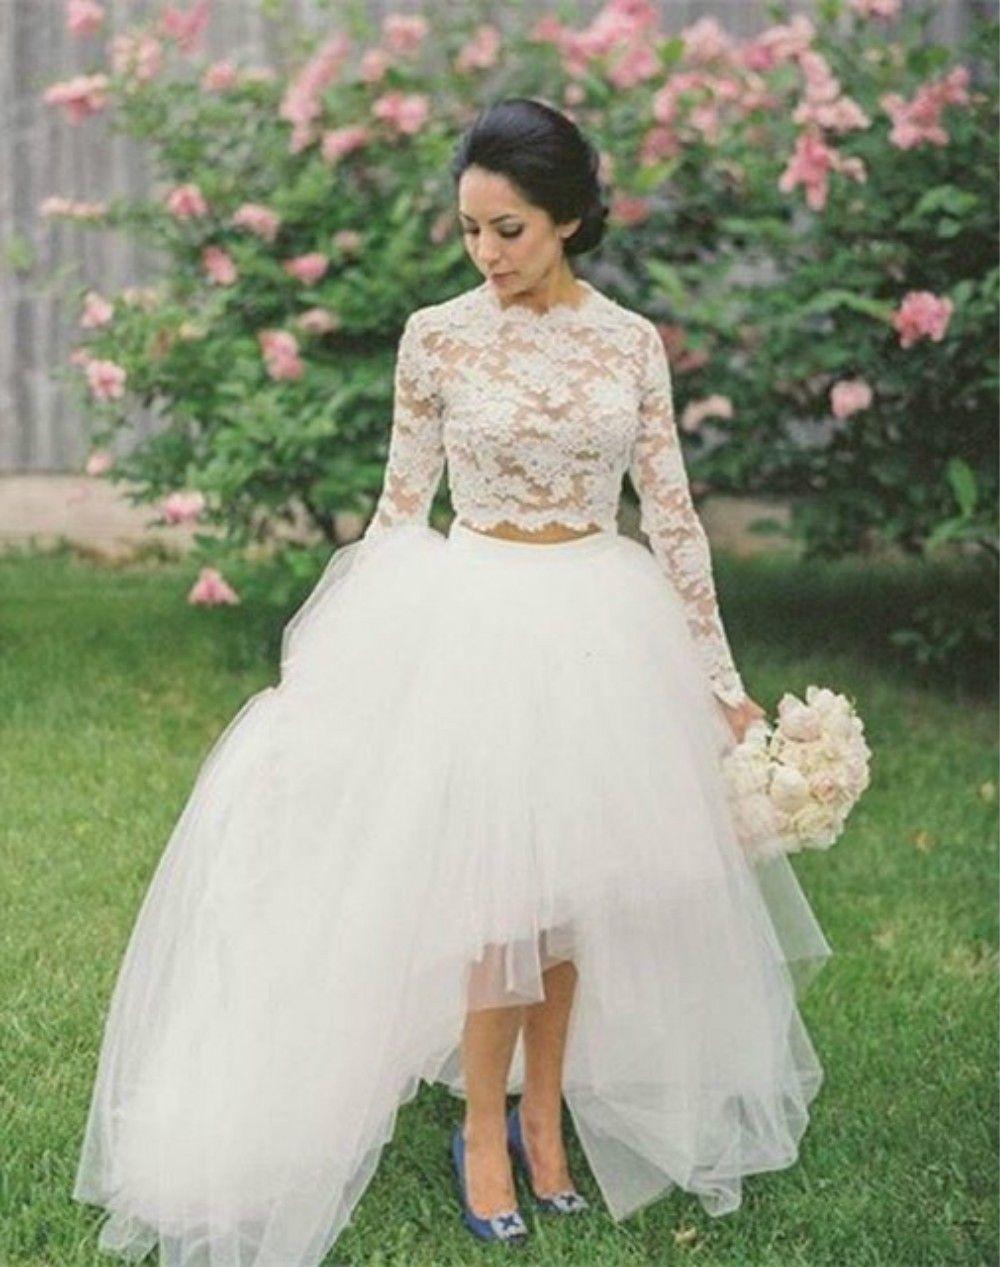 Две части короткие свадебные платья кружева и тюль видеть через суд поезд трапеция свадебные платья с длинным рукавом Jewel декольте стиль страны